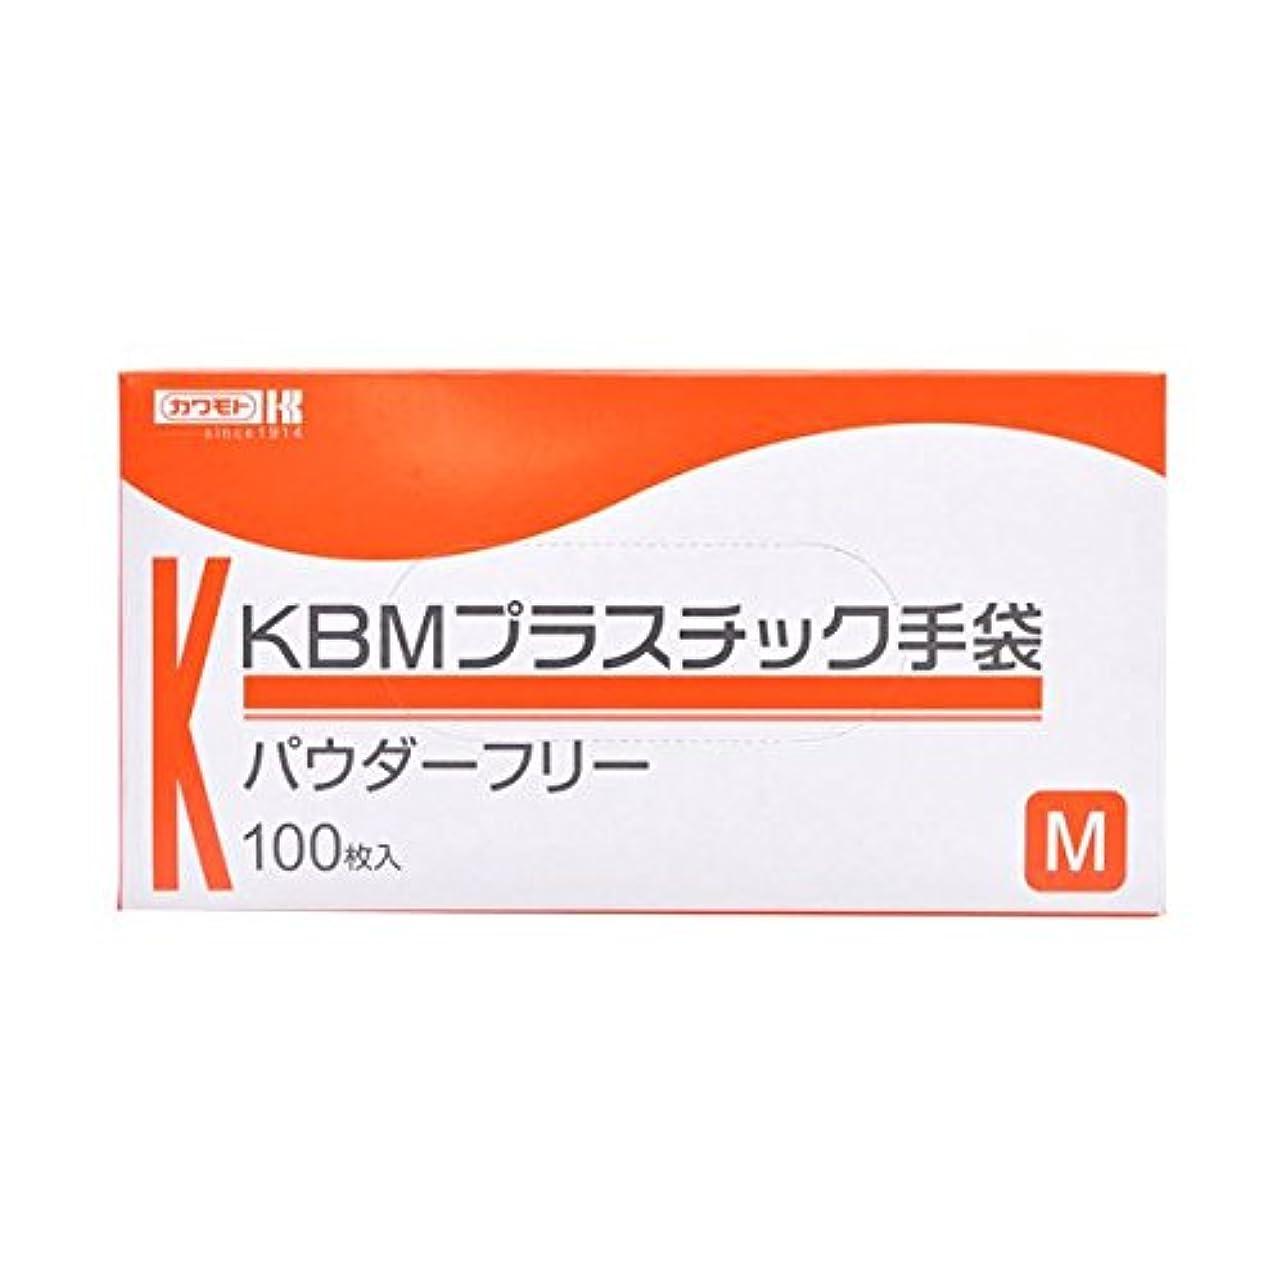 マトリックス診断する合意川本産業 KBMプラスチック手袋 パウダーフリー M 100枚入 ×3個